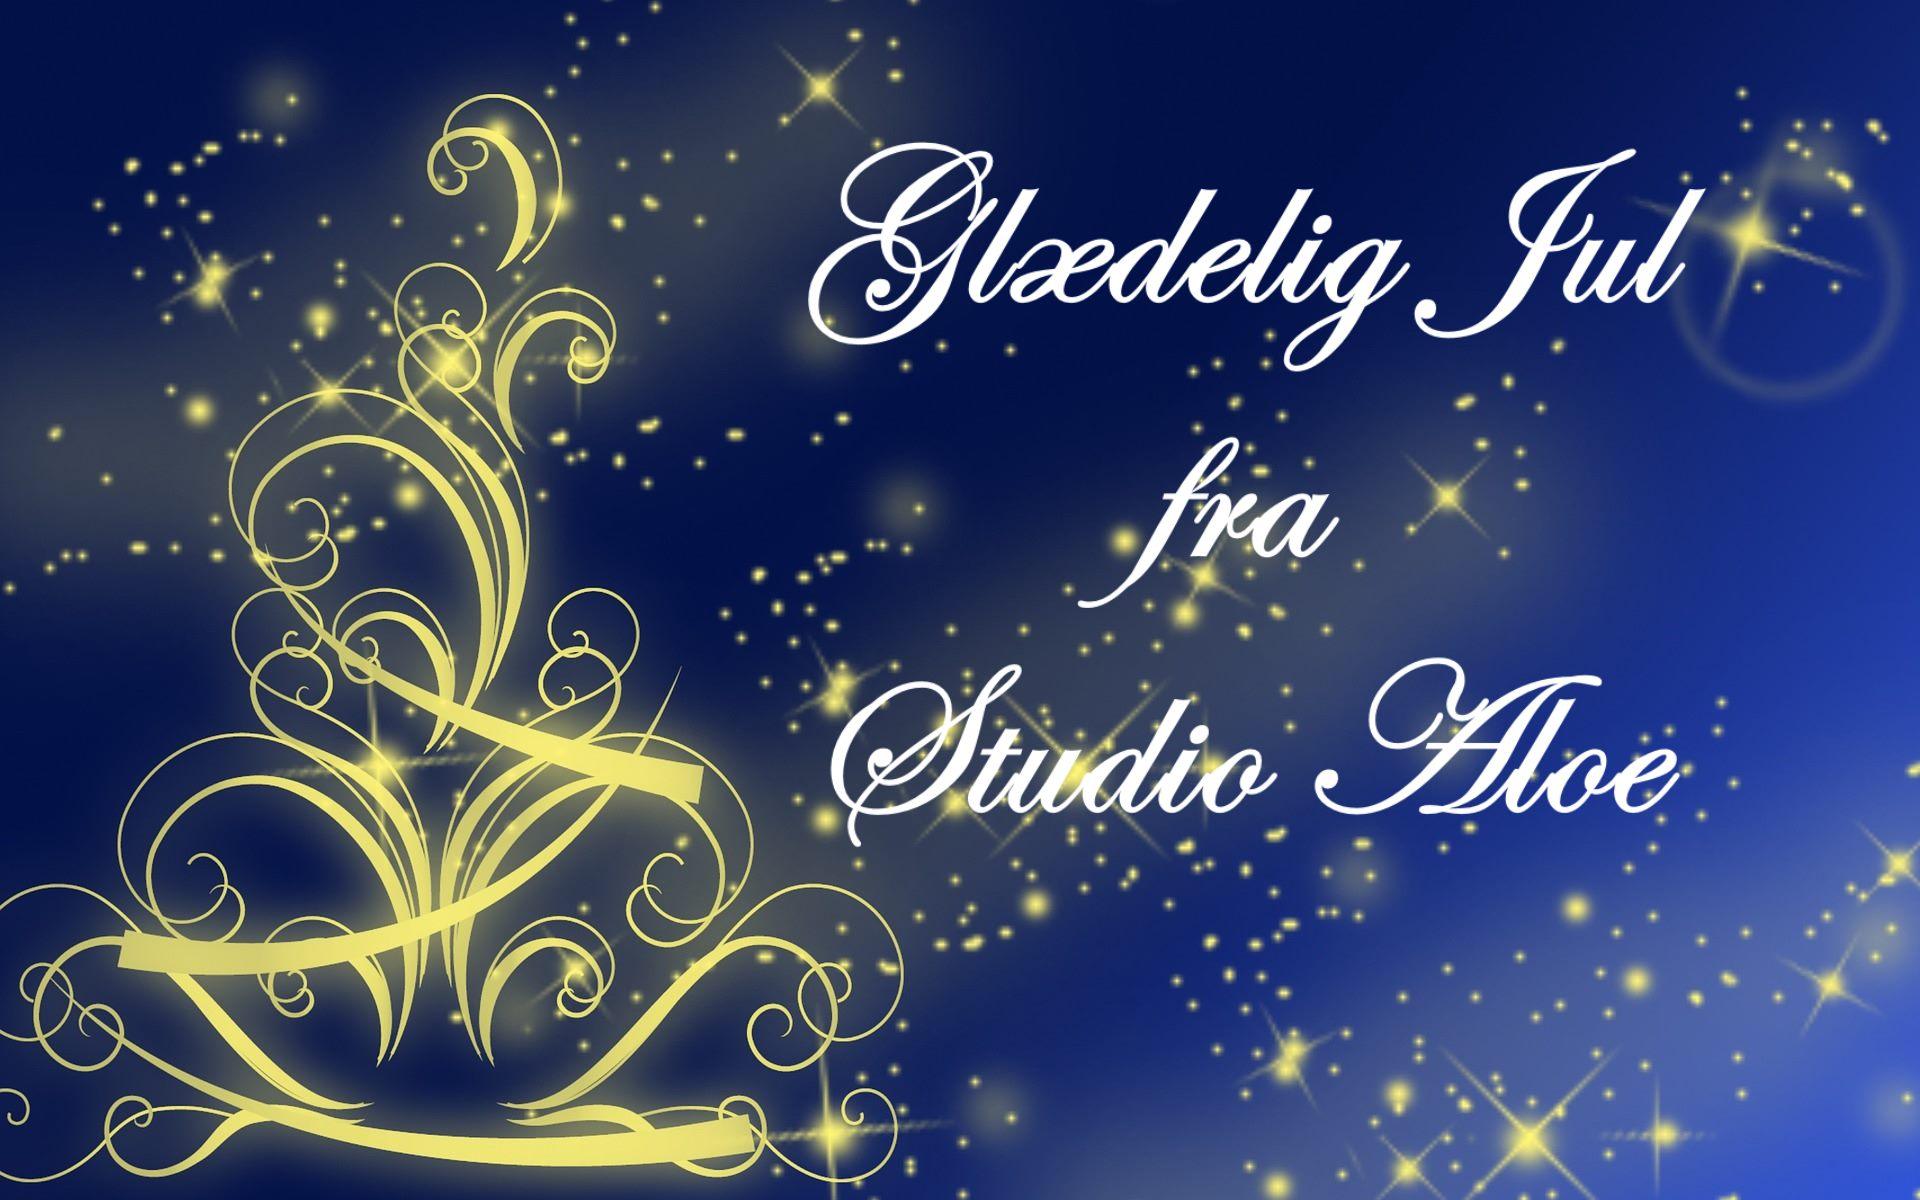 Glædelig Jul fra studioaloe